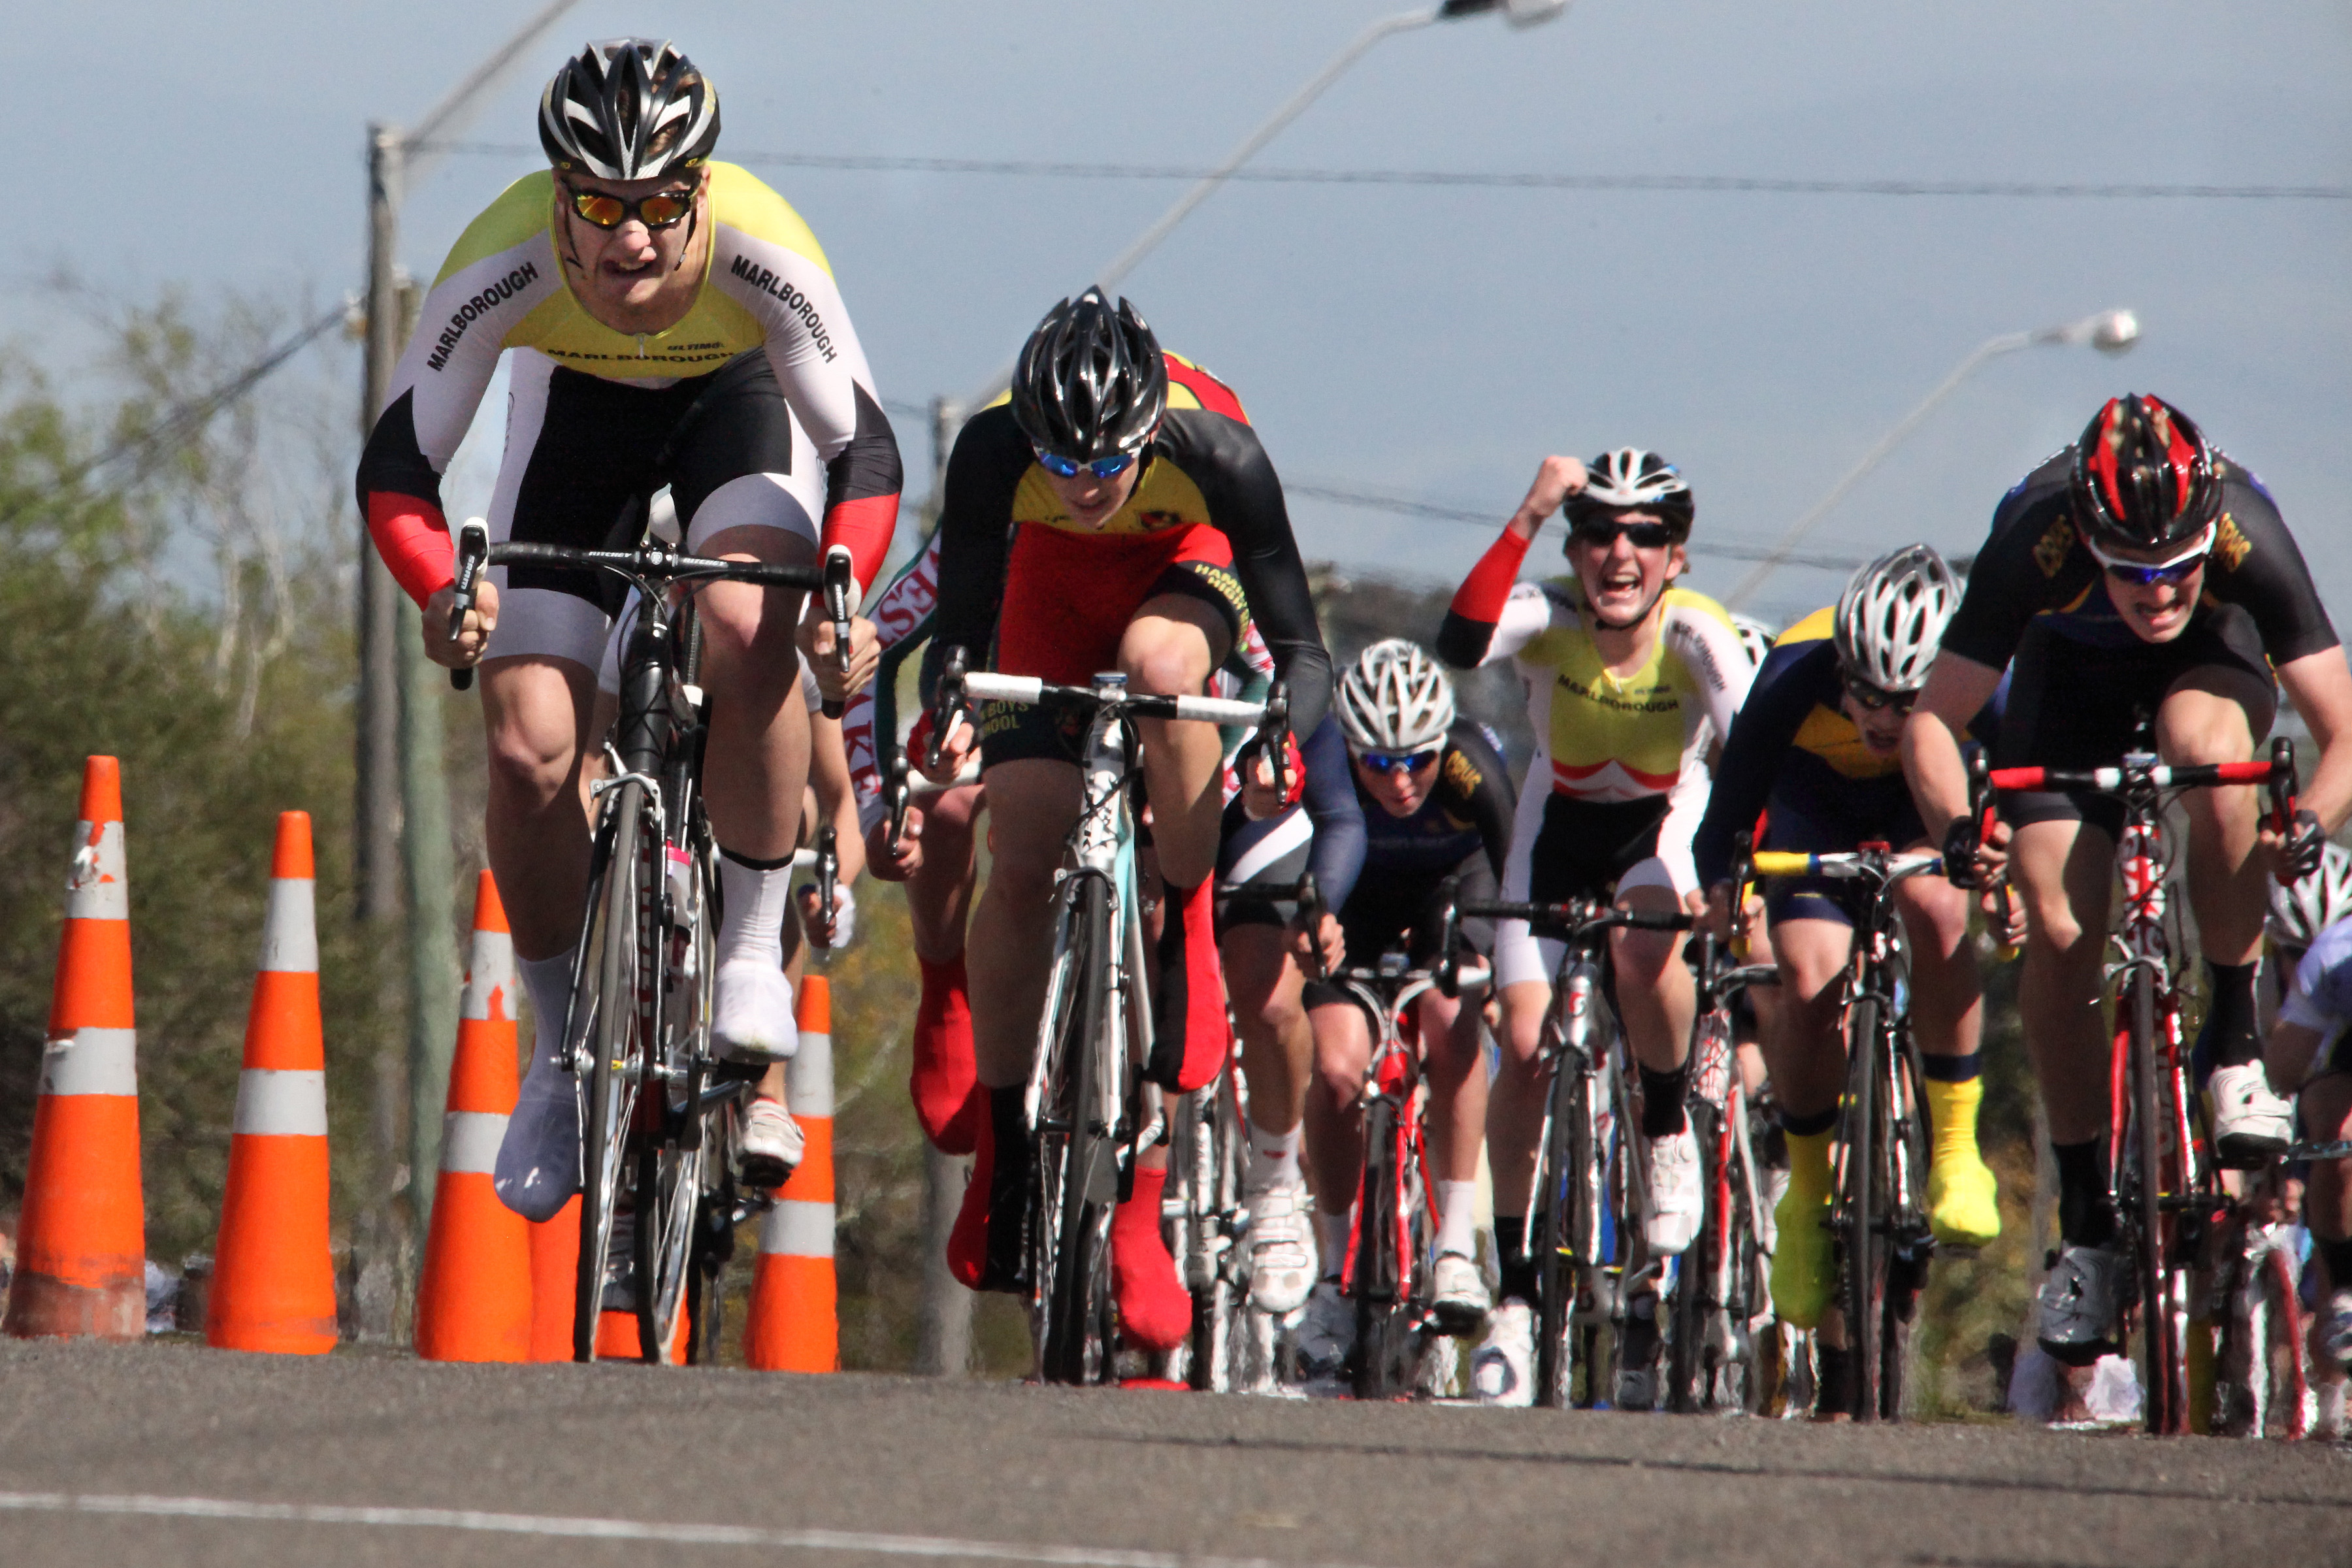 Шоссейный велоспорт напрямую связан с анаэробными нагрузками